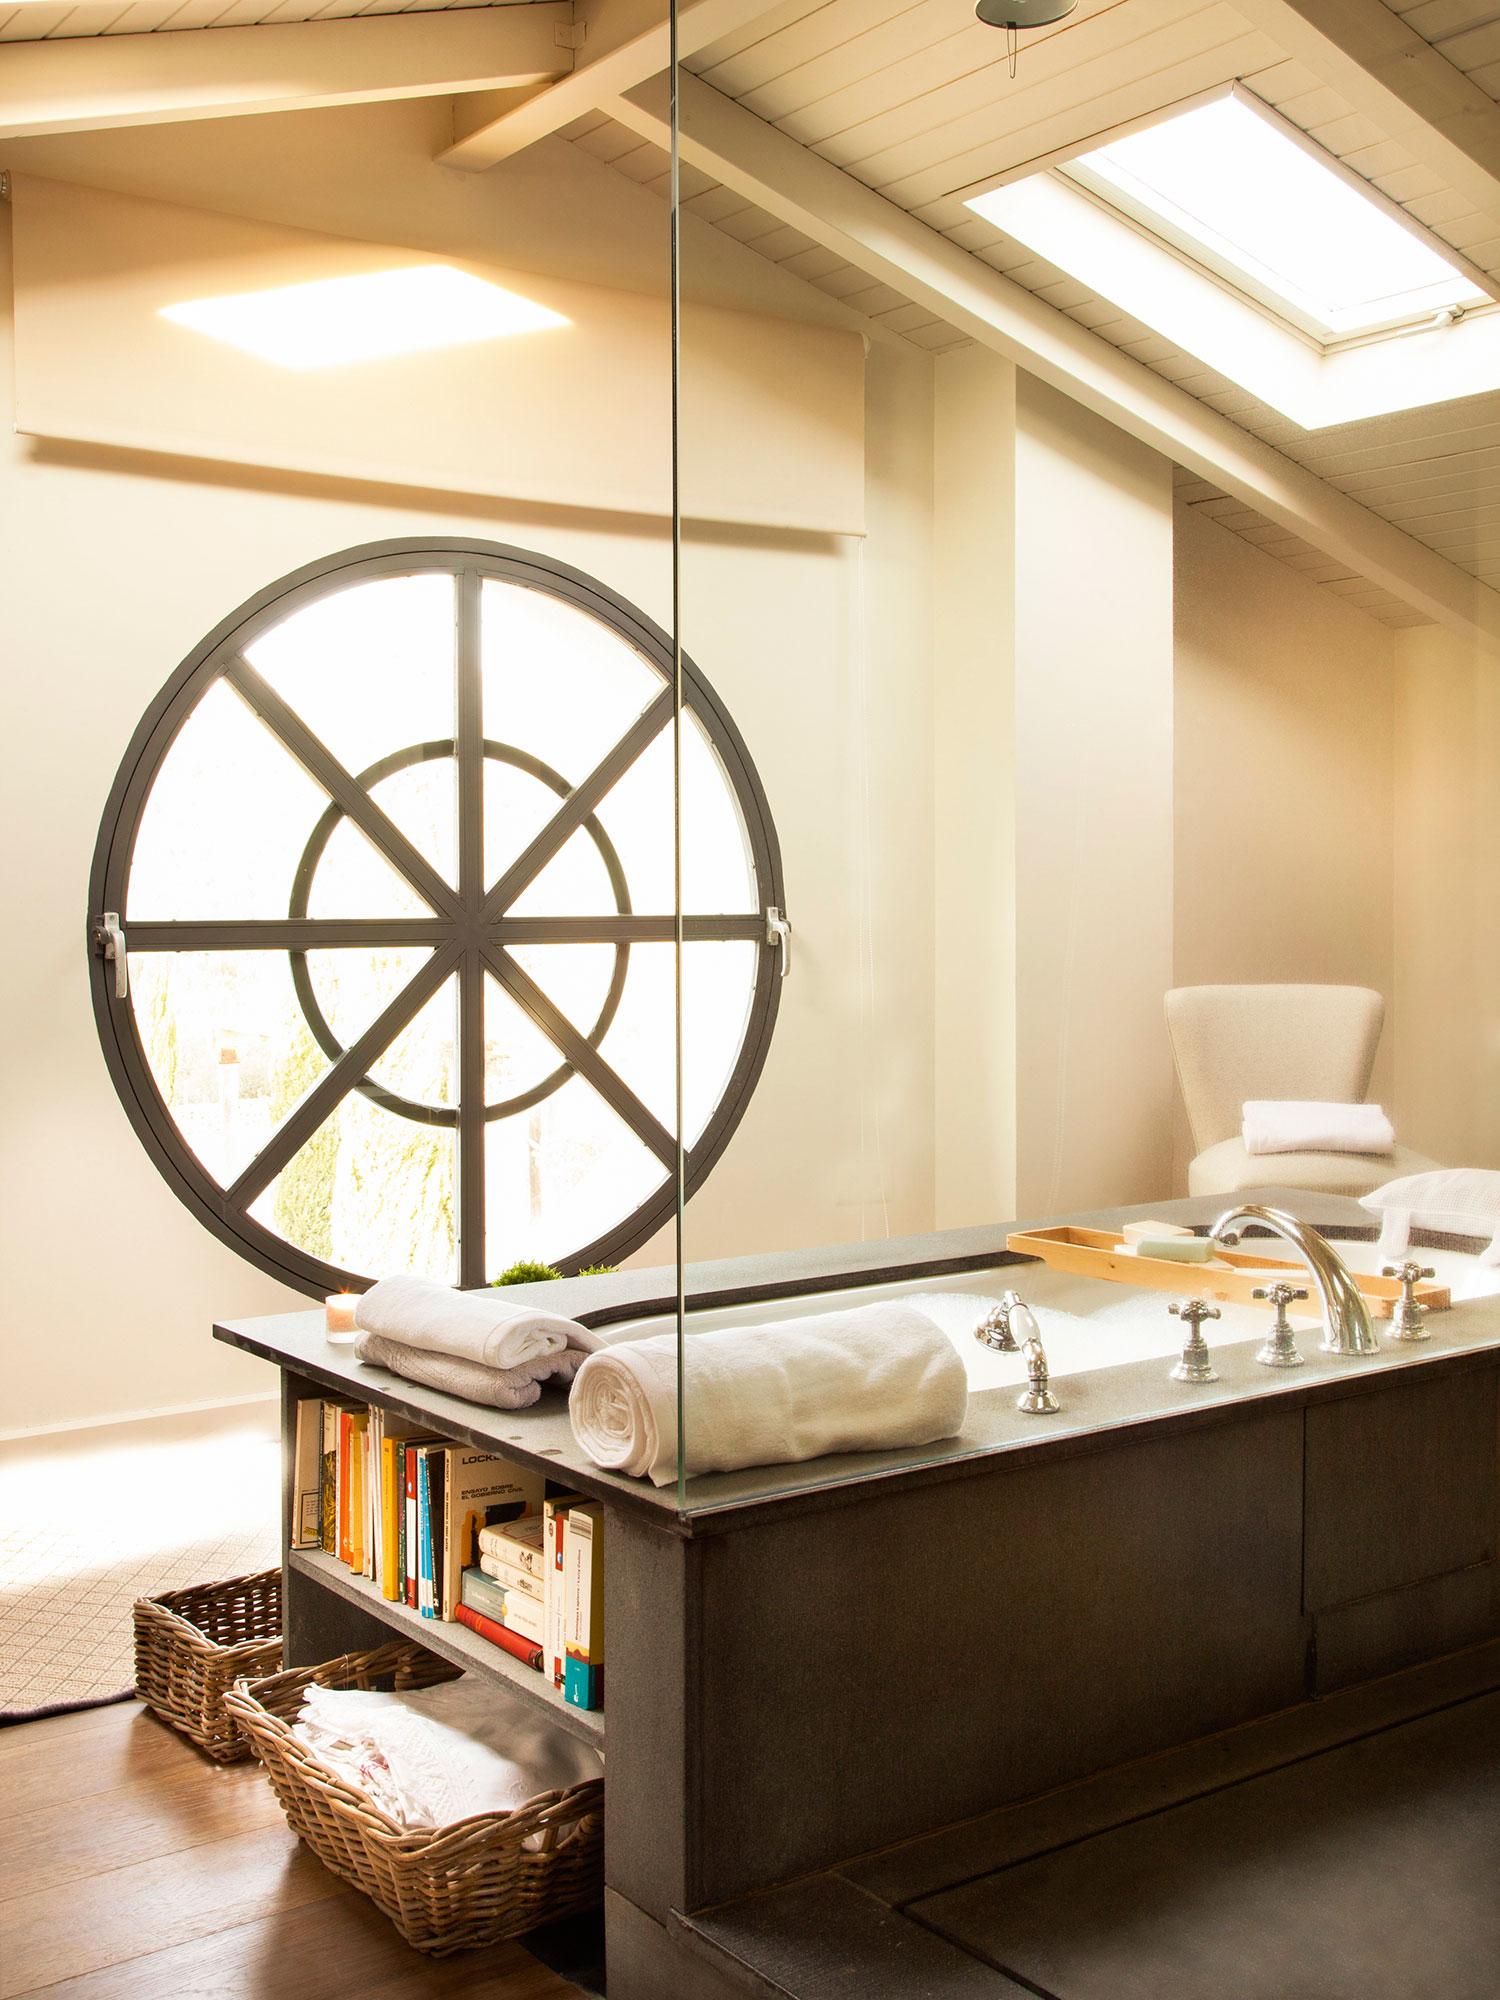 Baño abuhardillado con ventana redonda y bañera con estantes en un lateral.  Un baño de 4a5008639fa4